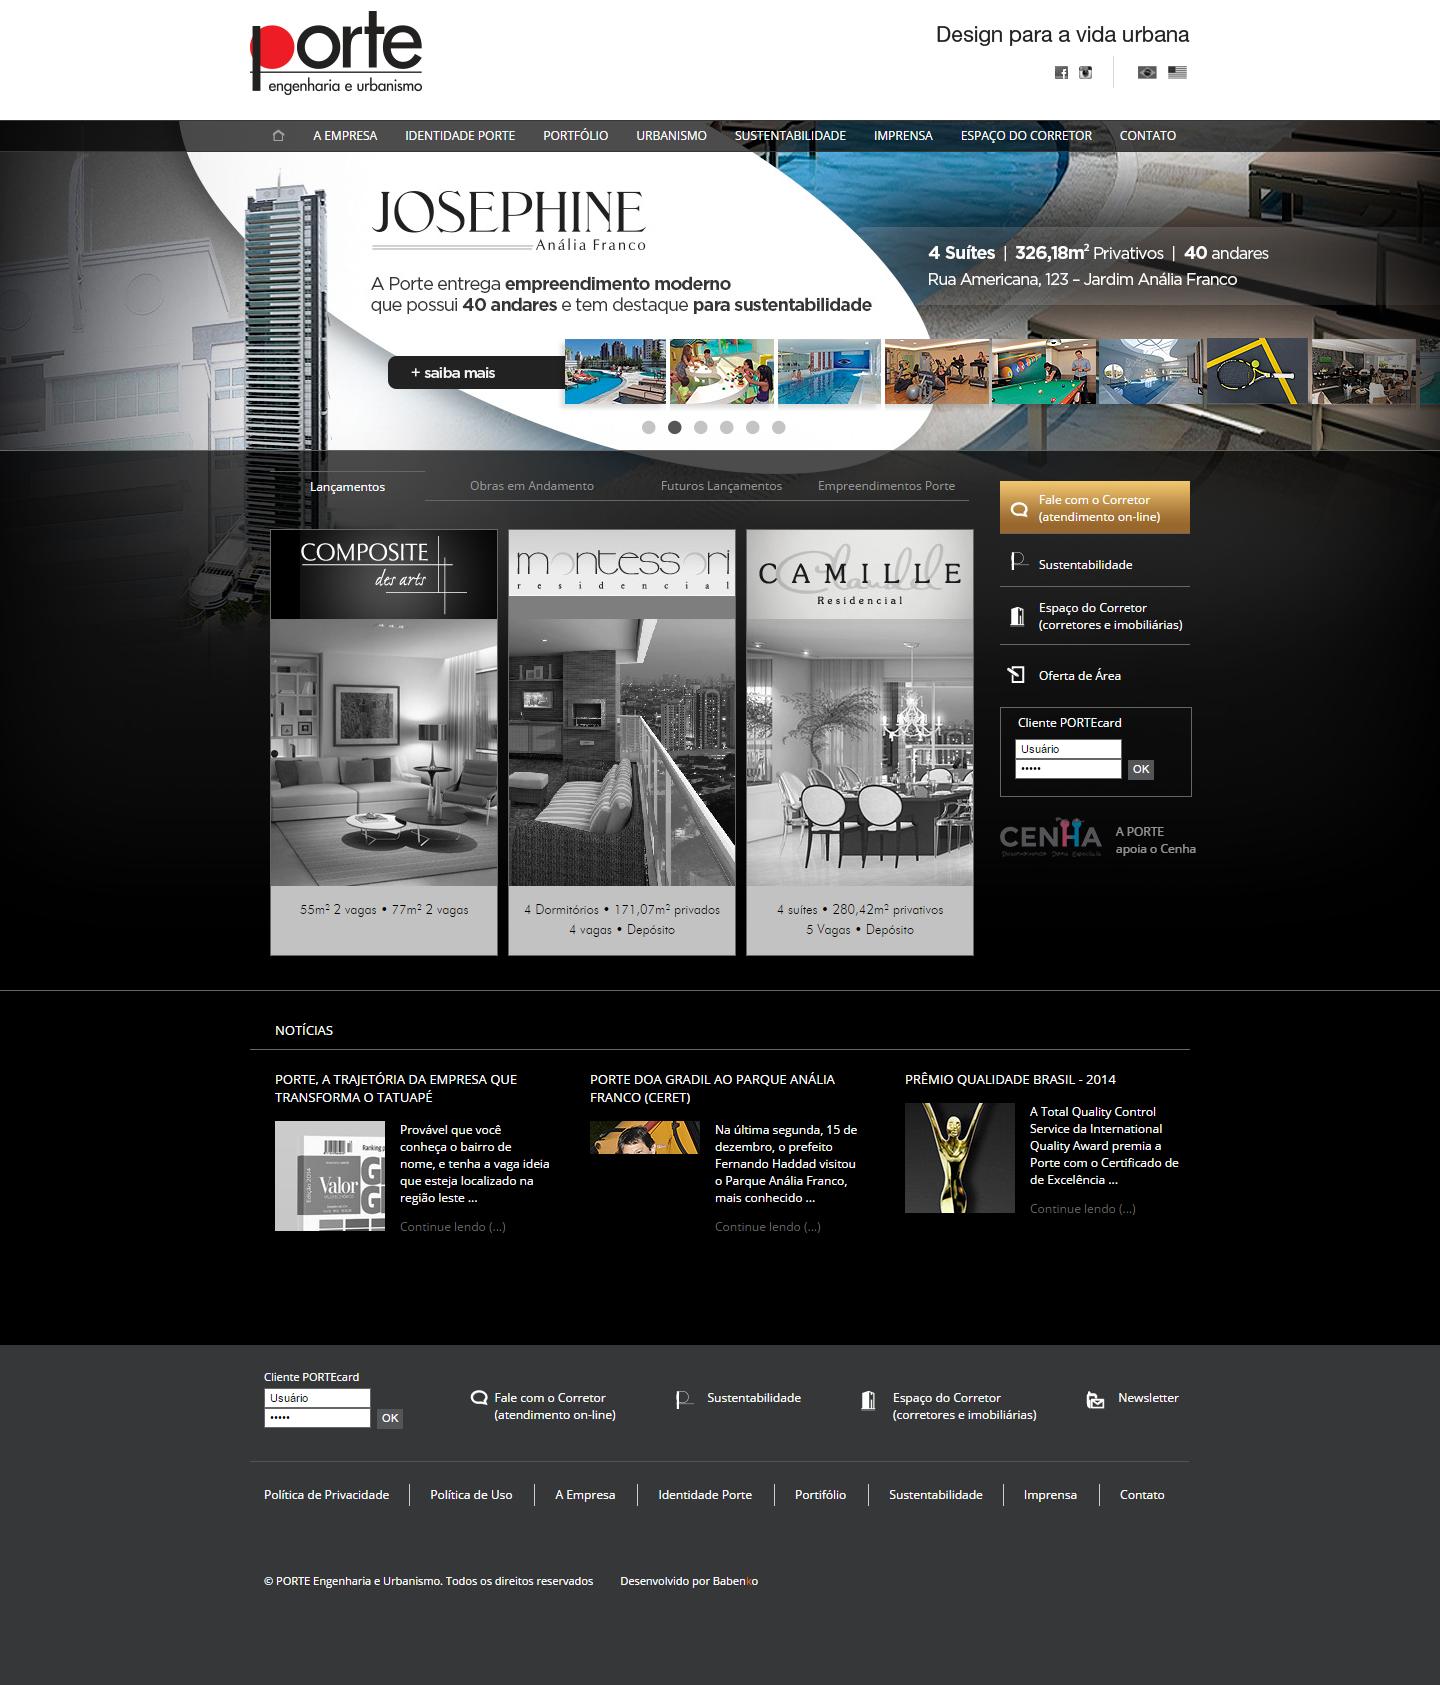 BABENKO agencia publicidade - Desenvolvimento Criação de Design de Sites Porte Construtora